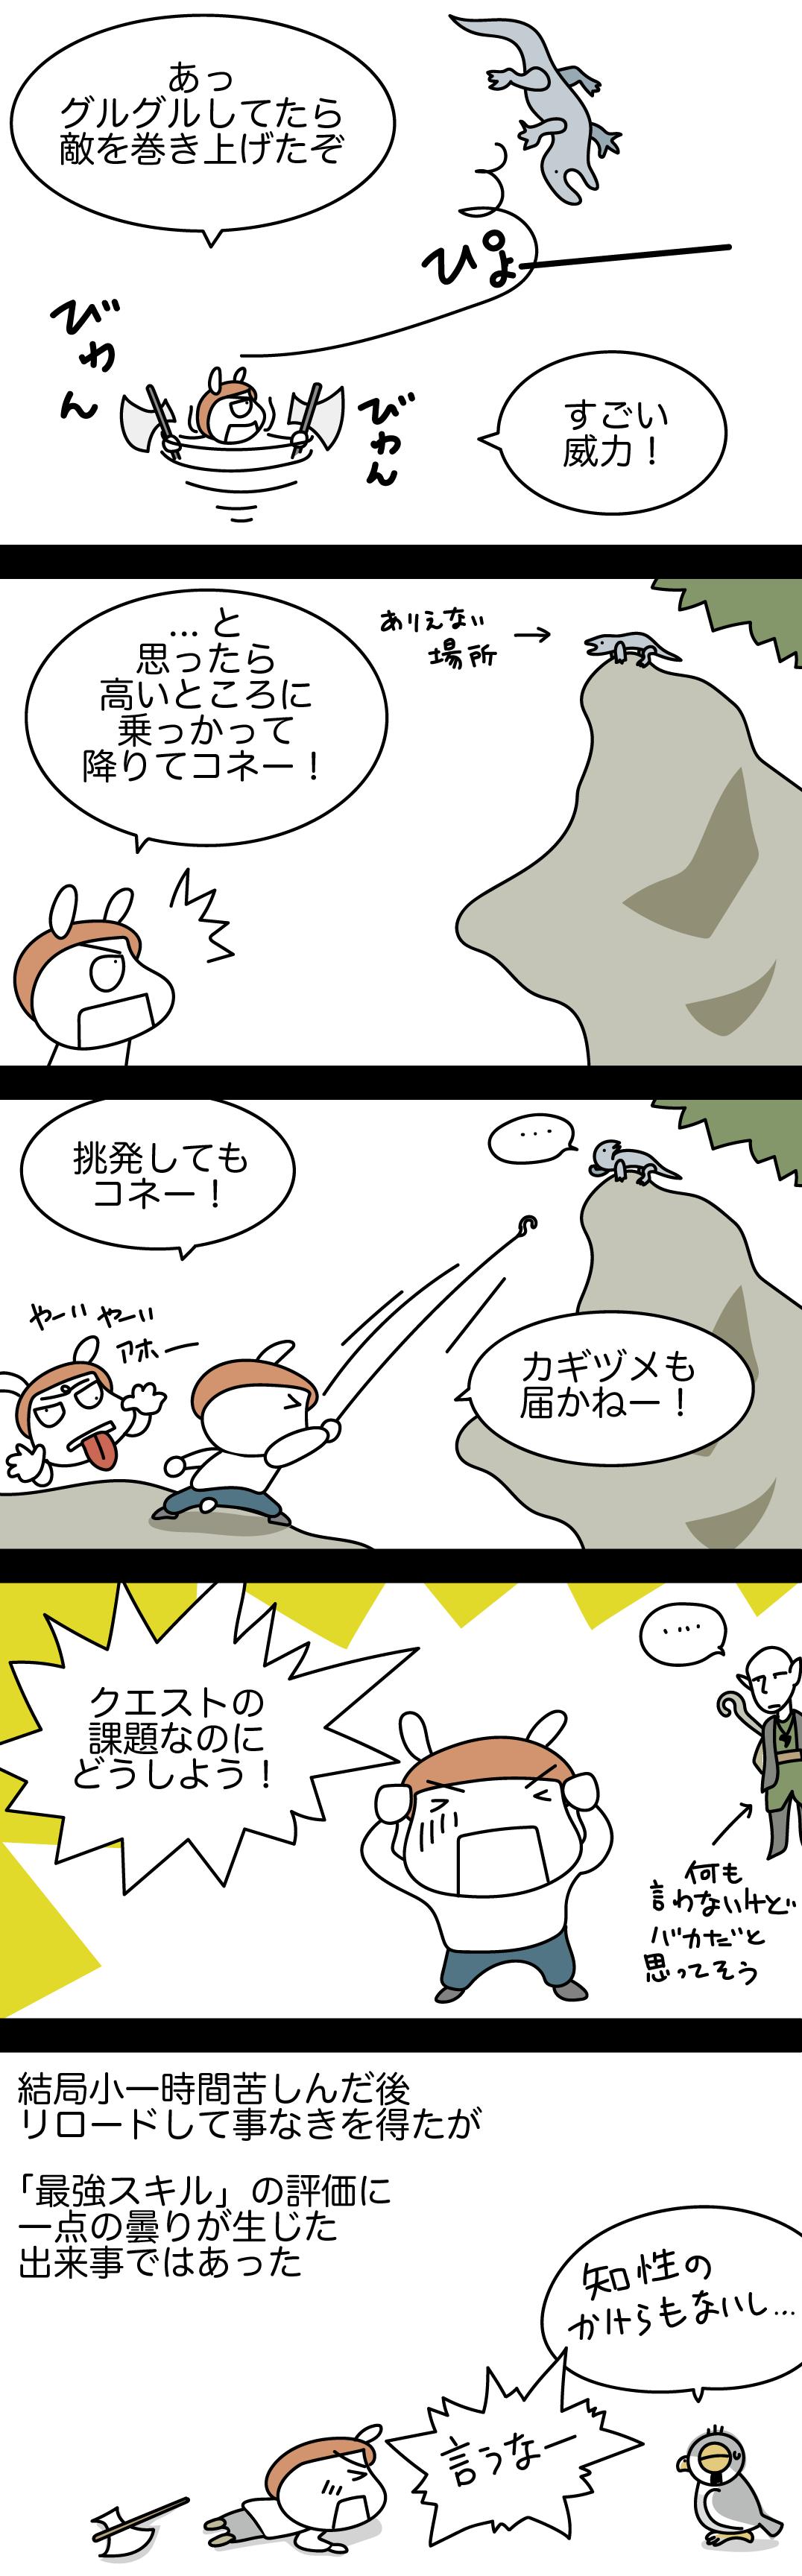 ドラゴンエイジ:インクイジション漫画日記・両手武器無双!グルグル攻撃最強説2